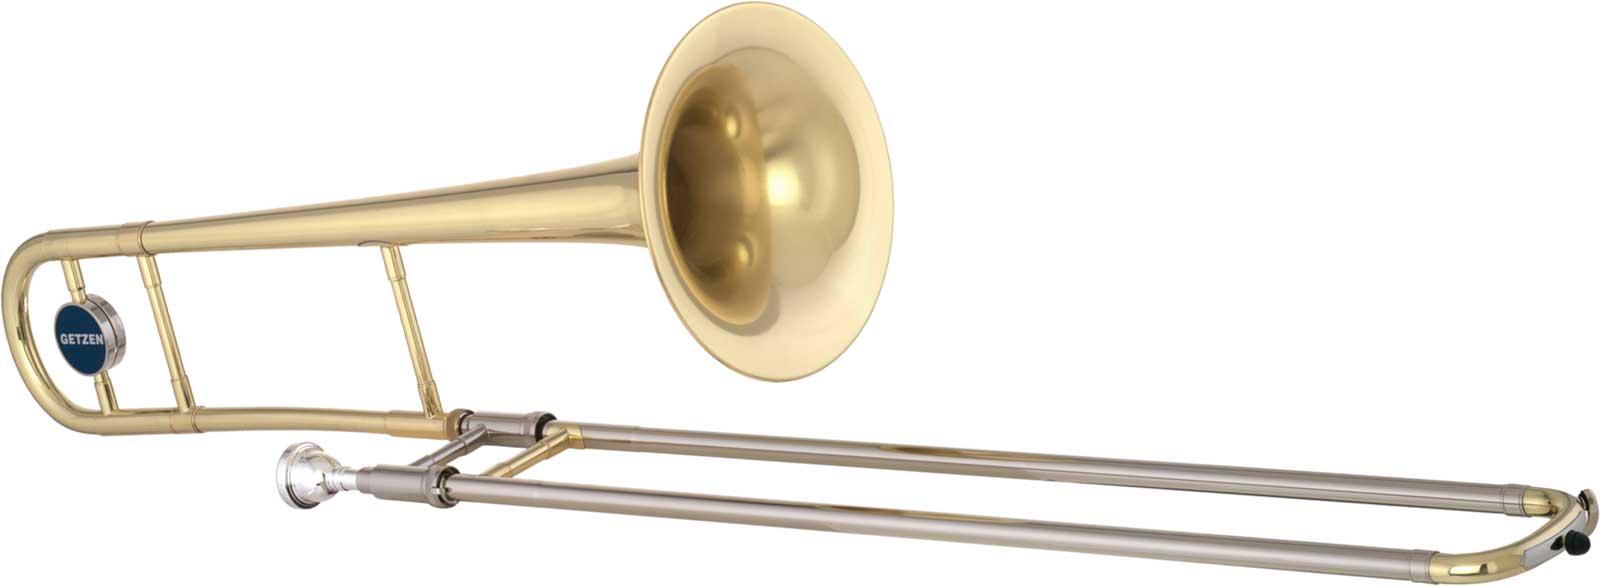 Getzen 351 Tenor Trombone